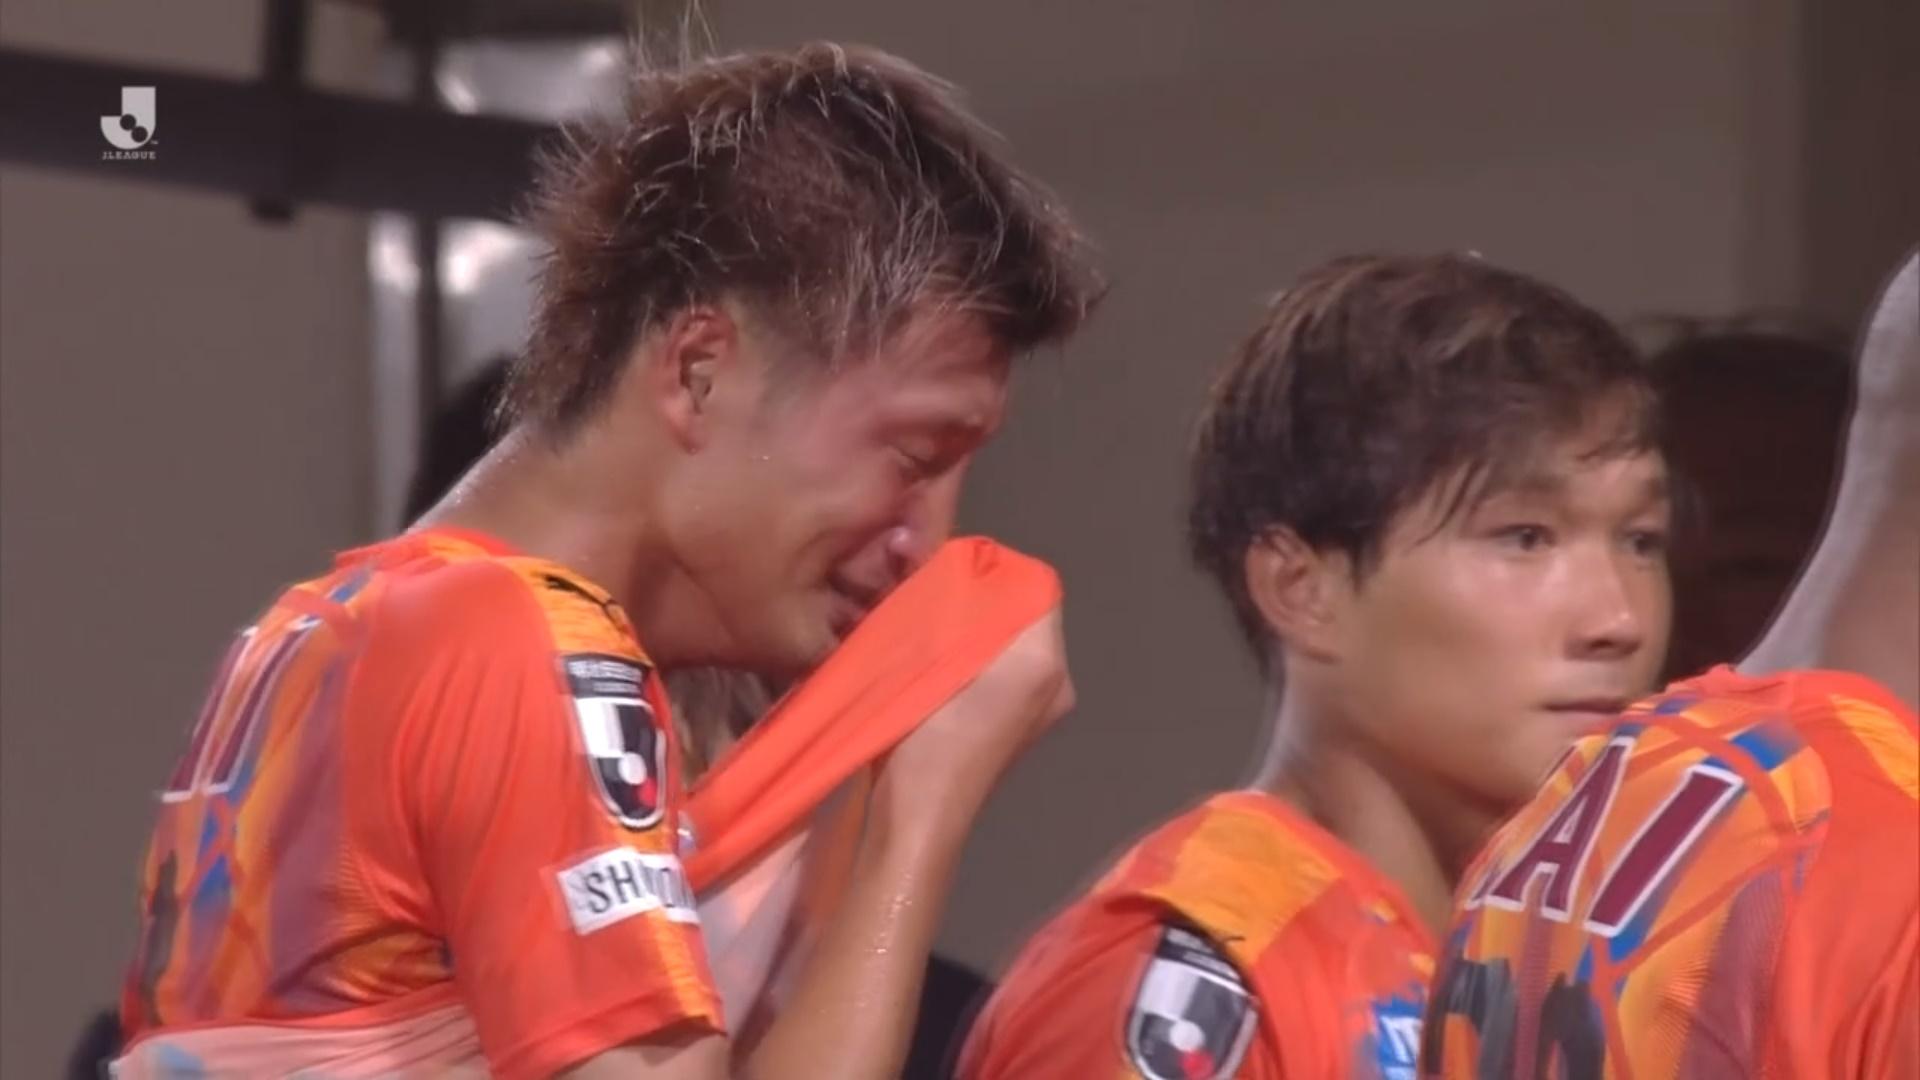 2019年 清水エスパルス VS FC東京 一番負けたくないチームと監督に敗戦003